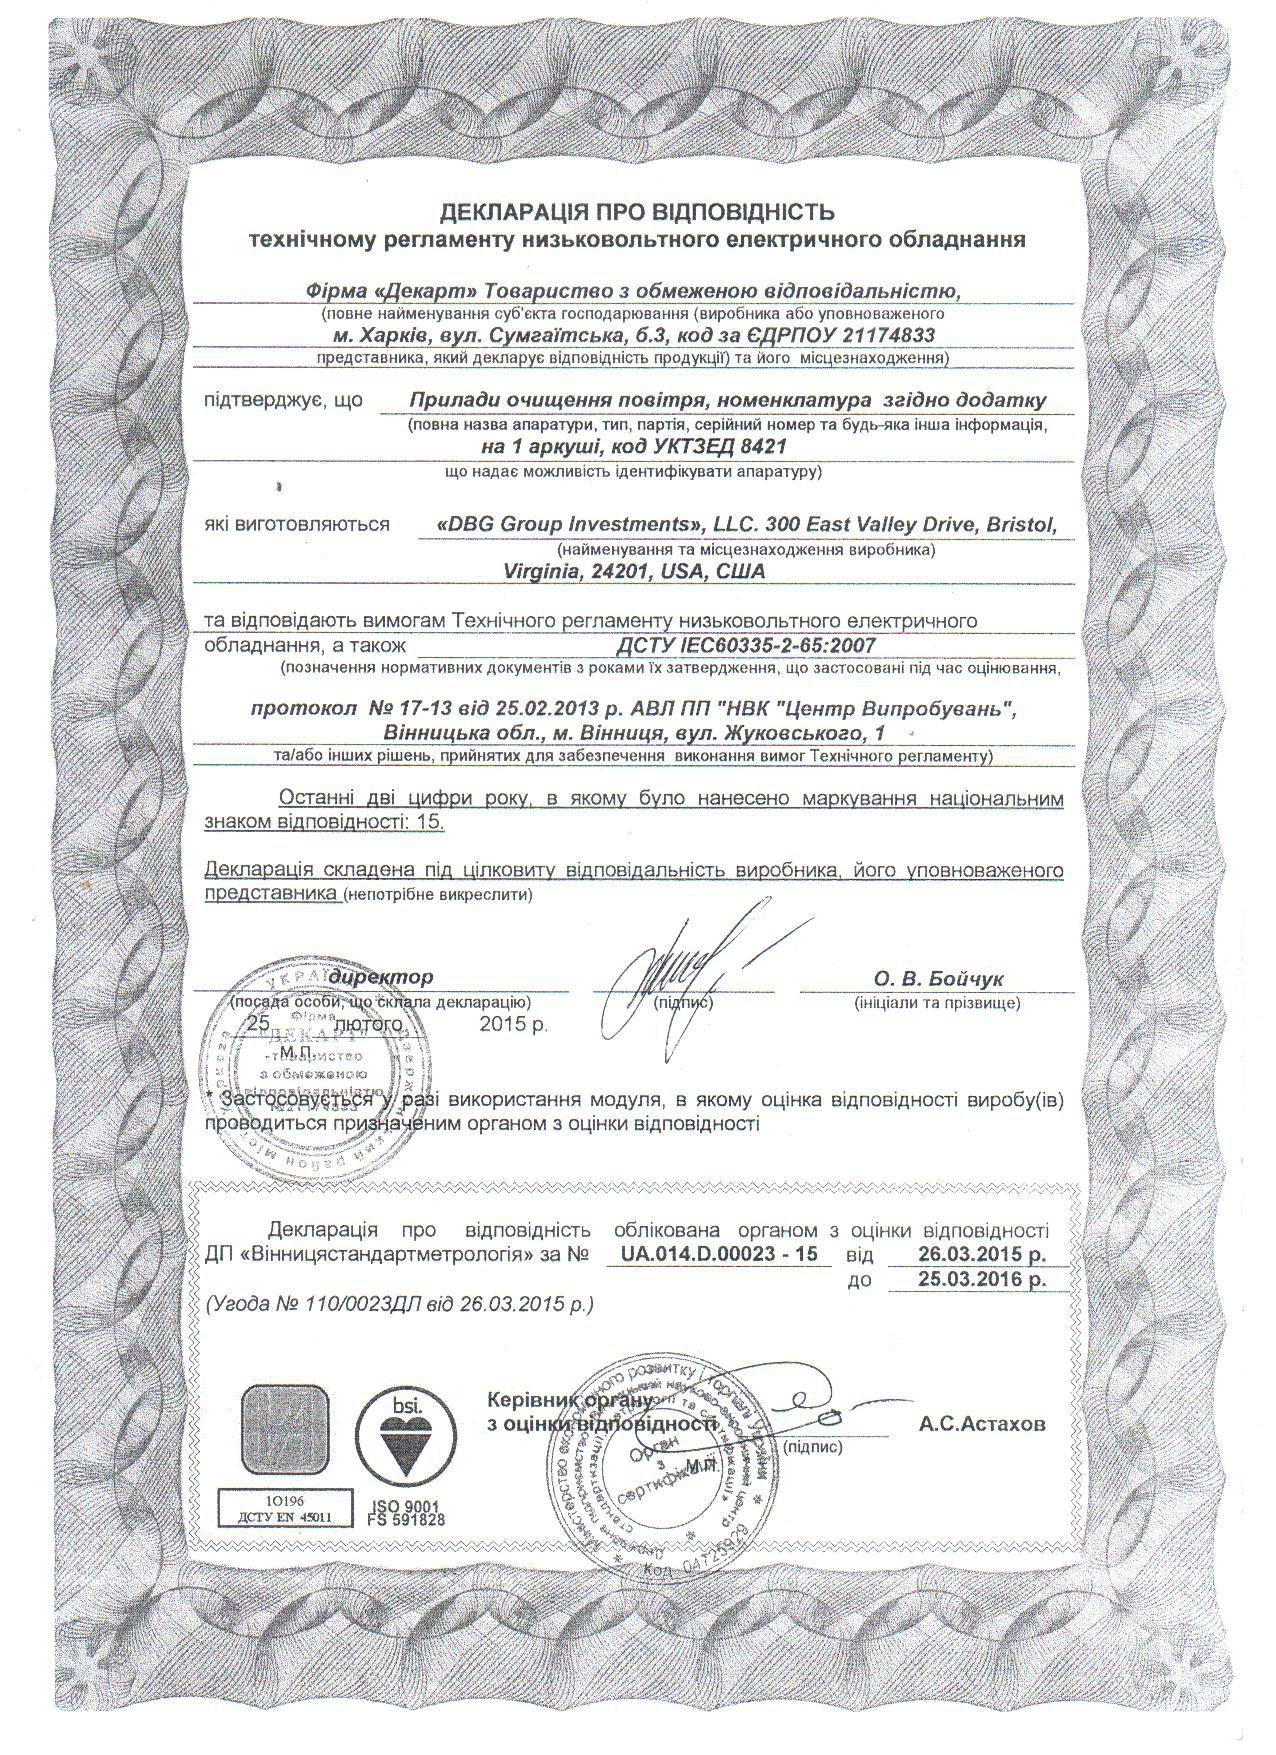 Декларація про відповідність технічному регламенту низьковольтного електричного обладнання